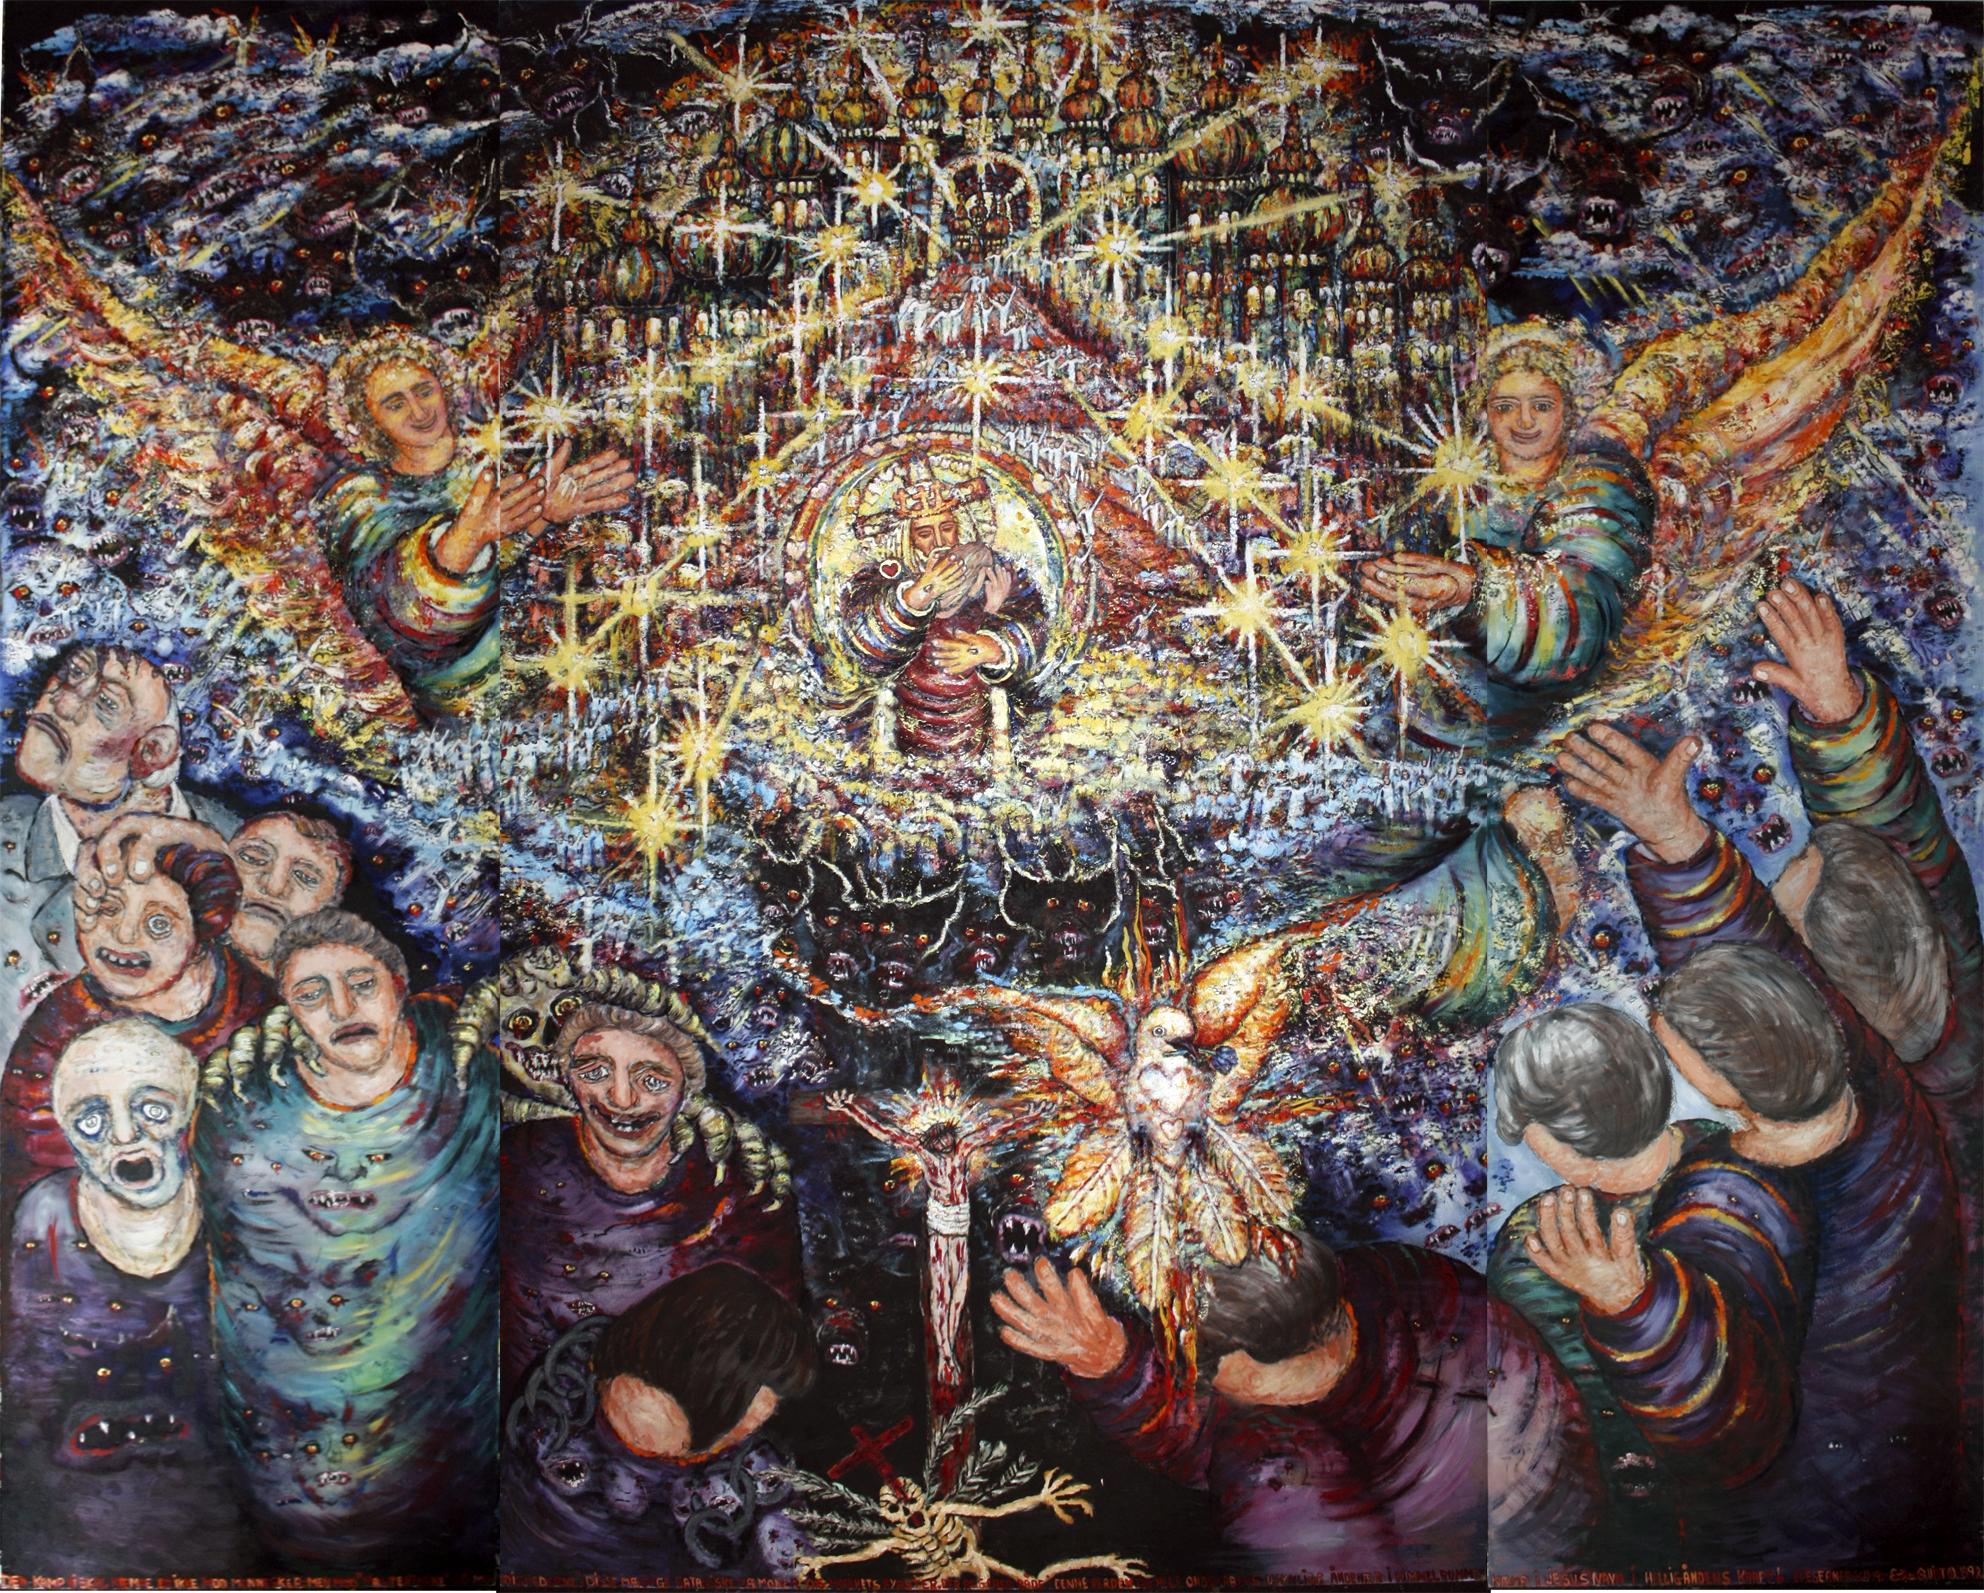 08-ondskabens aandemagter i himmelrummet